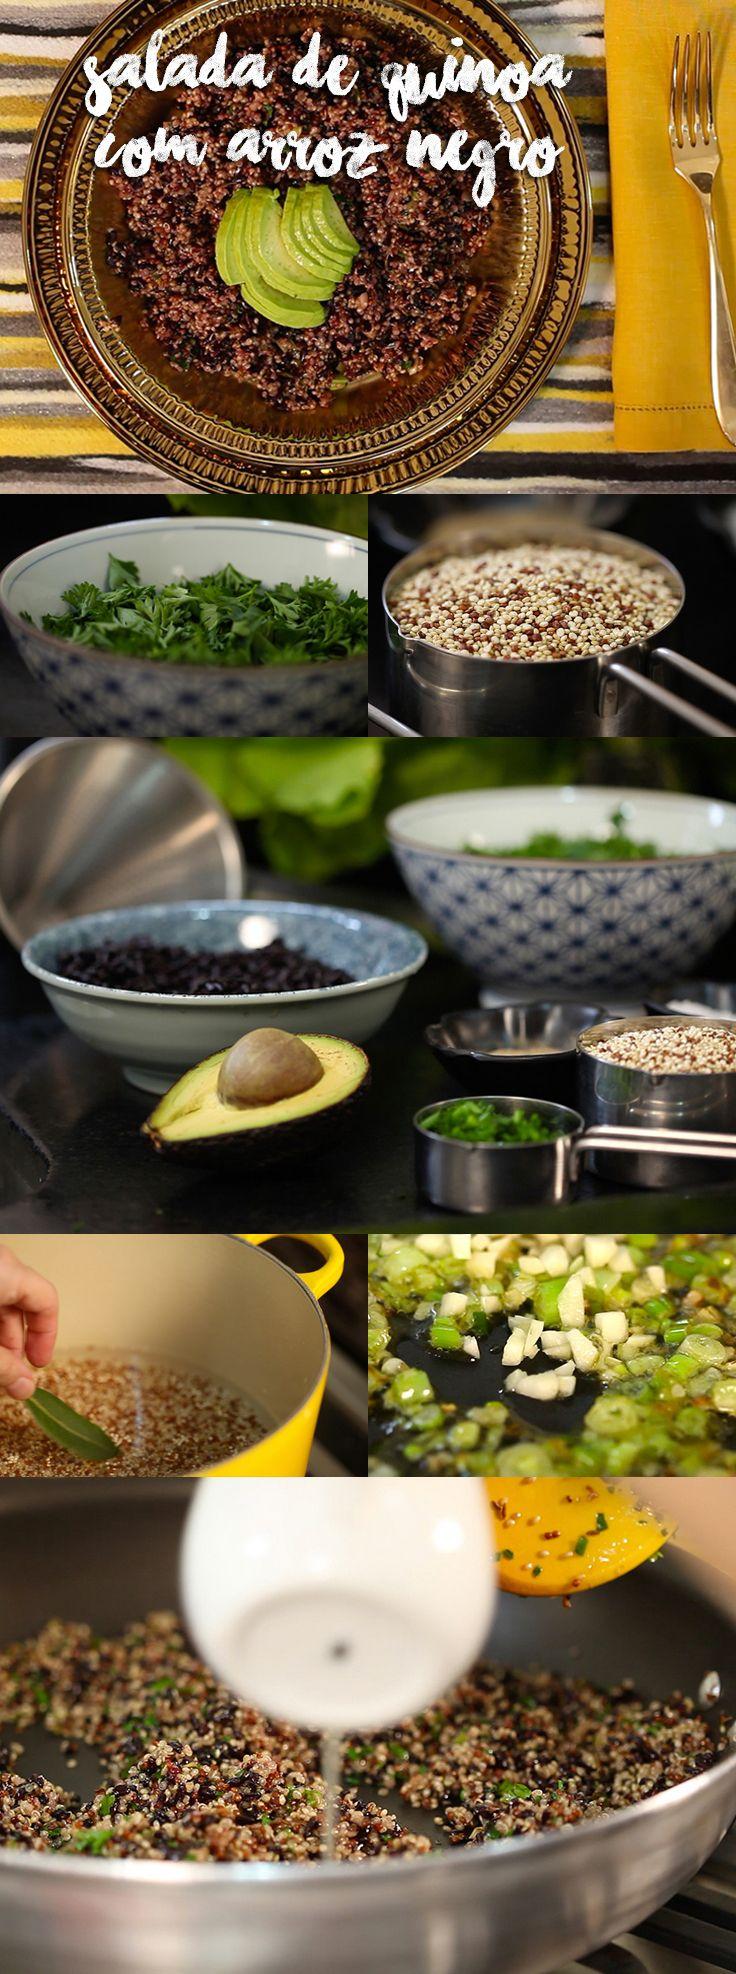 Essa receita é cheia de sabores inusitados, frescos, exóticos, crocantes. Tudo em um único prato, para se surpreender! Veja mais receitas em www.myyellowpages.com.br